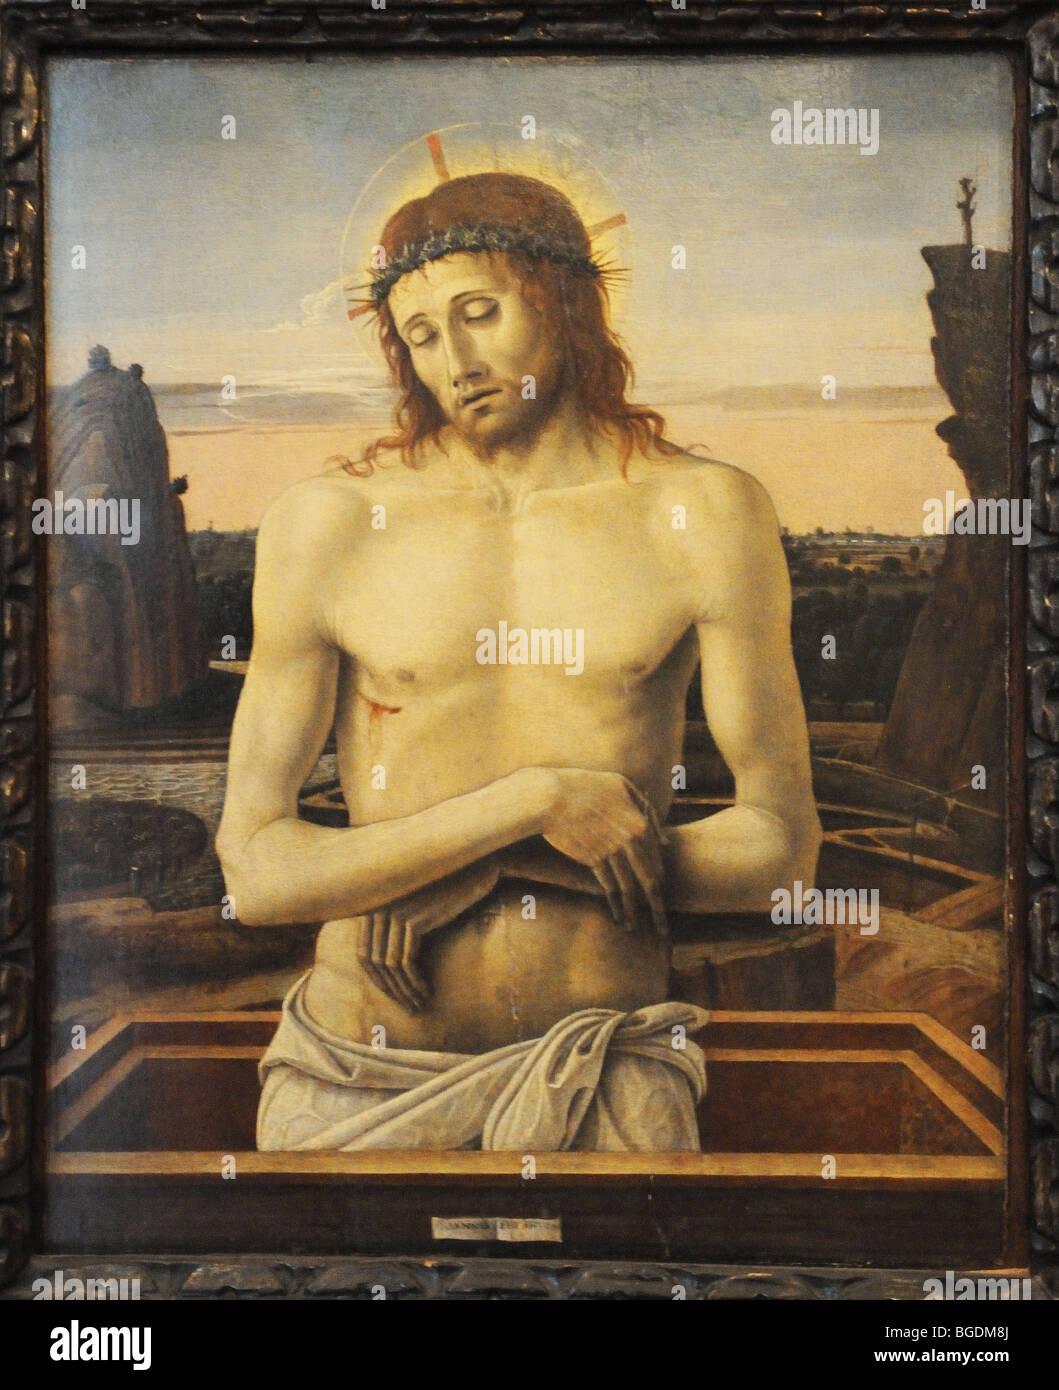 Peinture Renaissance de Giovanni Bellini appelé IMAGO PIETATIS dans le musée Poldi Pezzoli Milan Italie Photo Stock